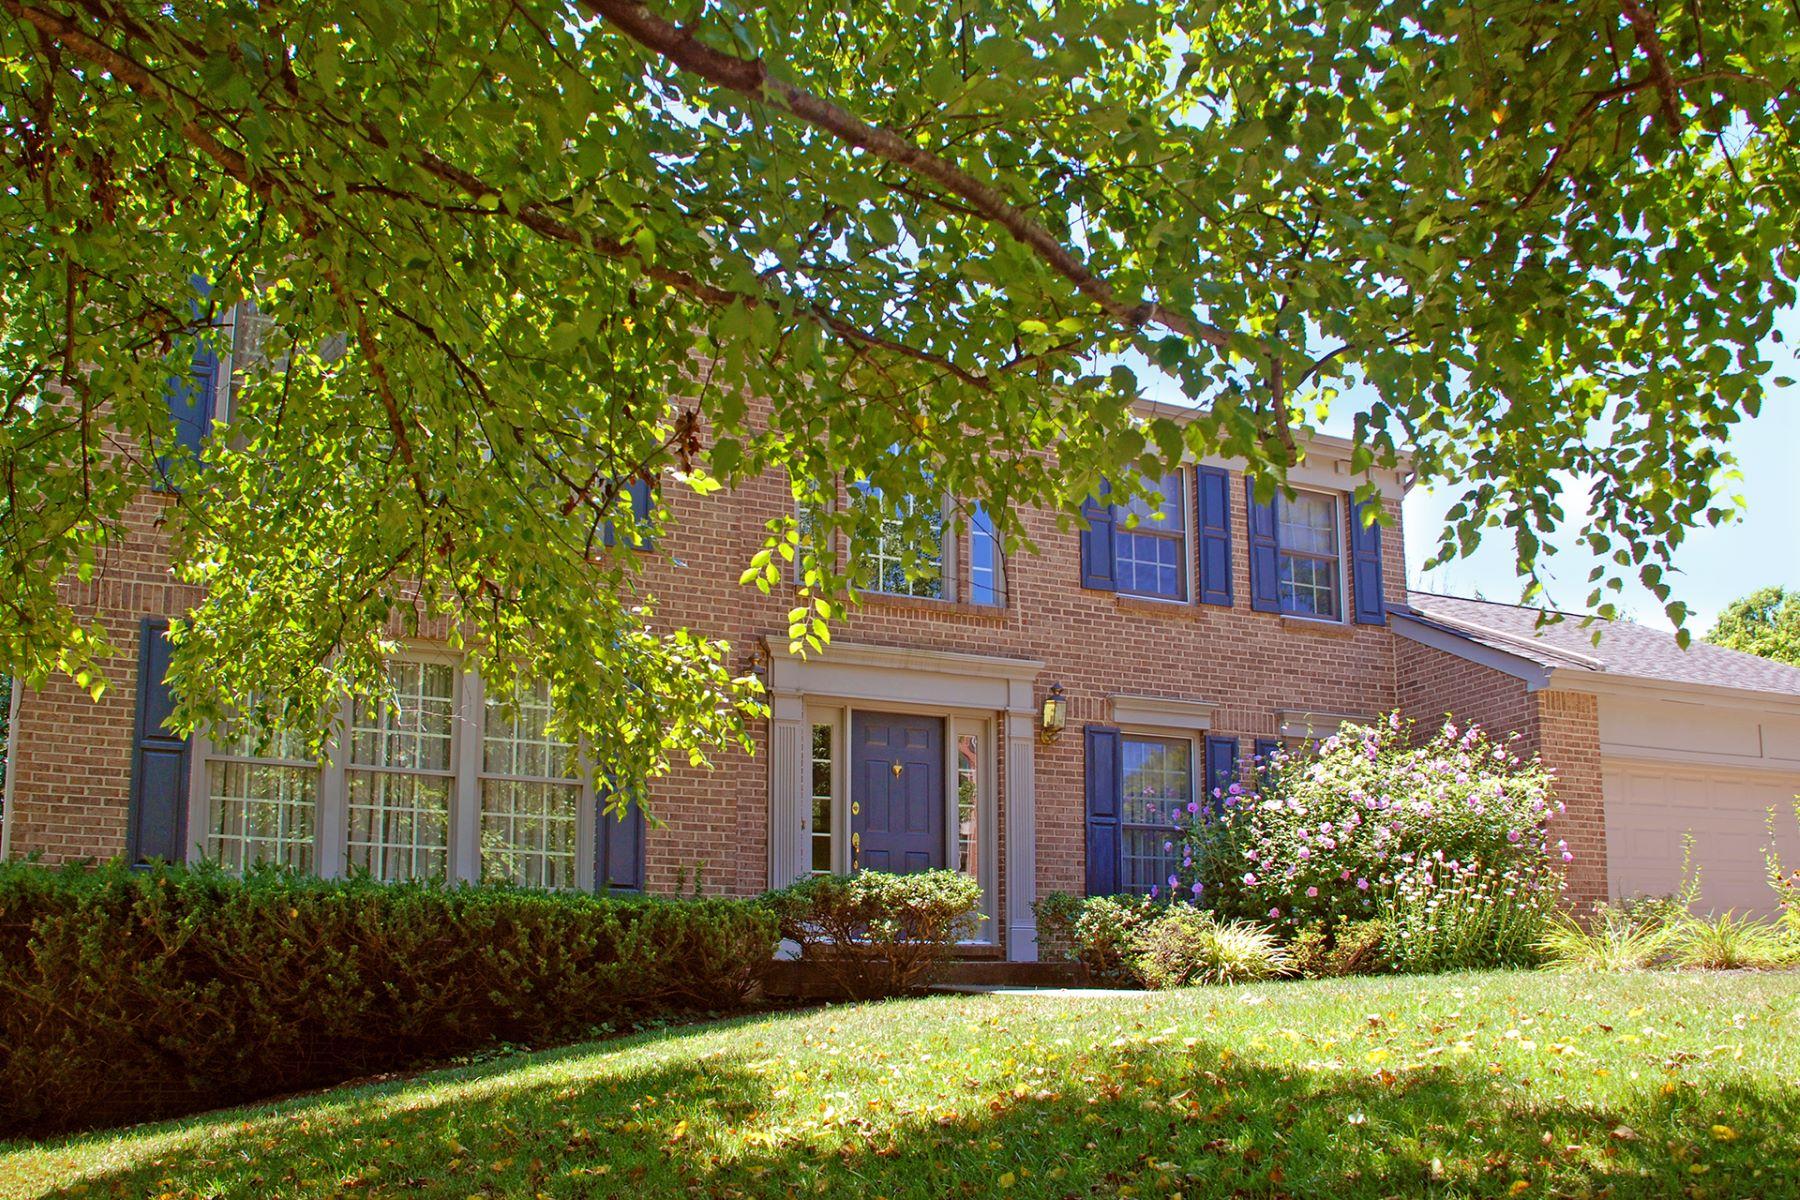 Casa Unifamiliar por un Venta en Charming Home Charming Neighborhood 780 Twilight Drive Crescent Springs, Kentucky 41017 Estados Unidos